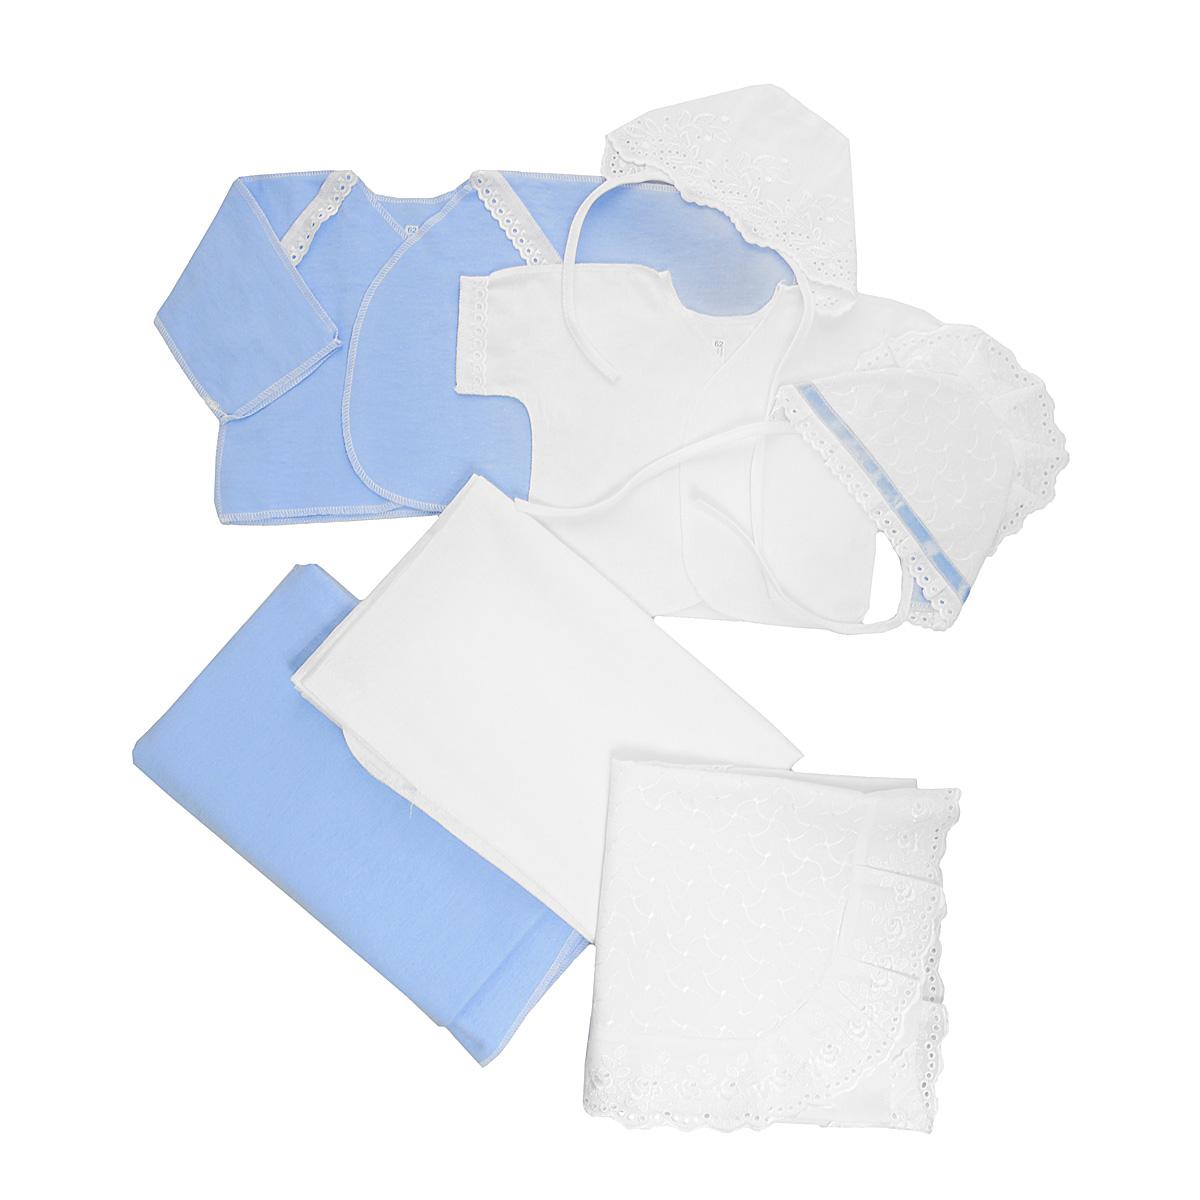 Комплект для новорожденного Трон-Плюс, 7 предметов, цвет: белый, голубой. 3403. Размер 62, 3 месяца